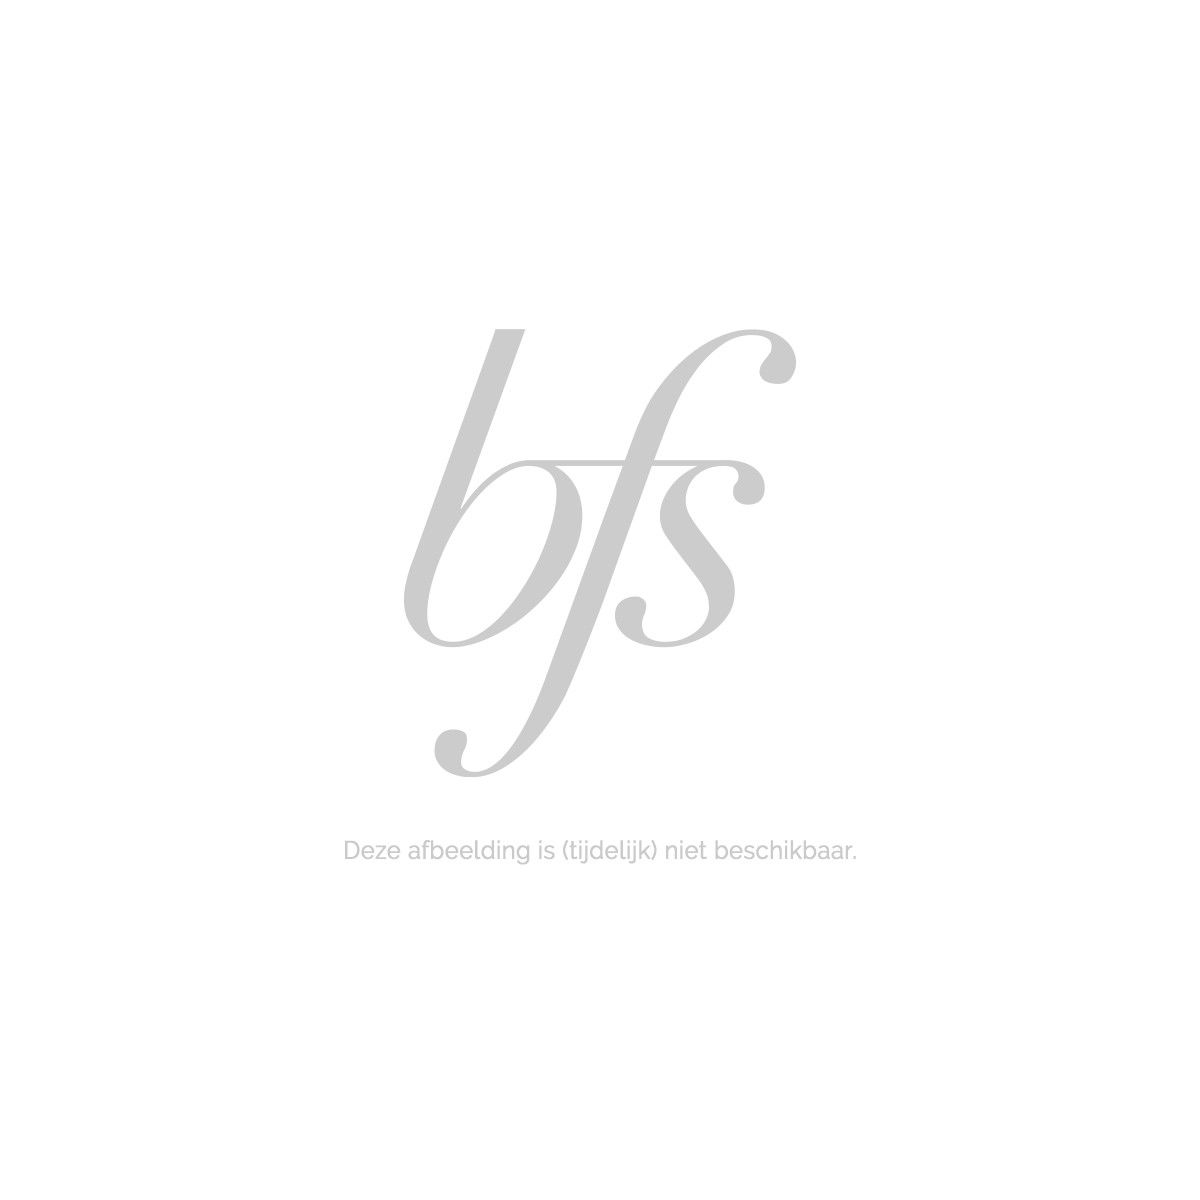 Grande Cosmetics Grandelips Lipgloss Plumper Cashmere Buff 2,4 G